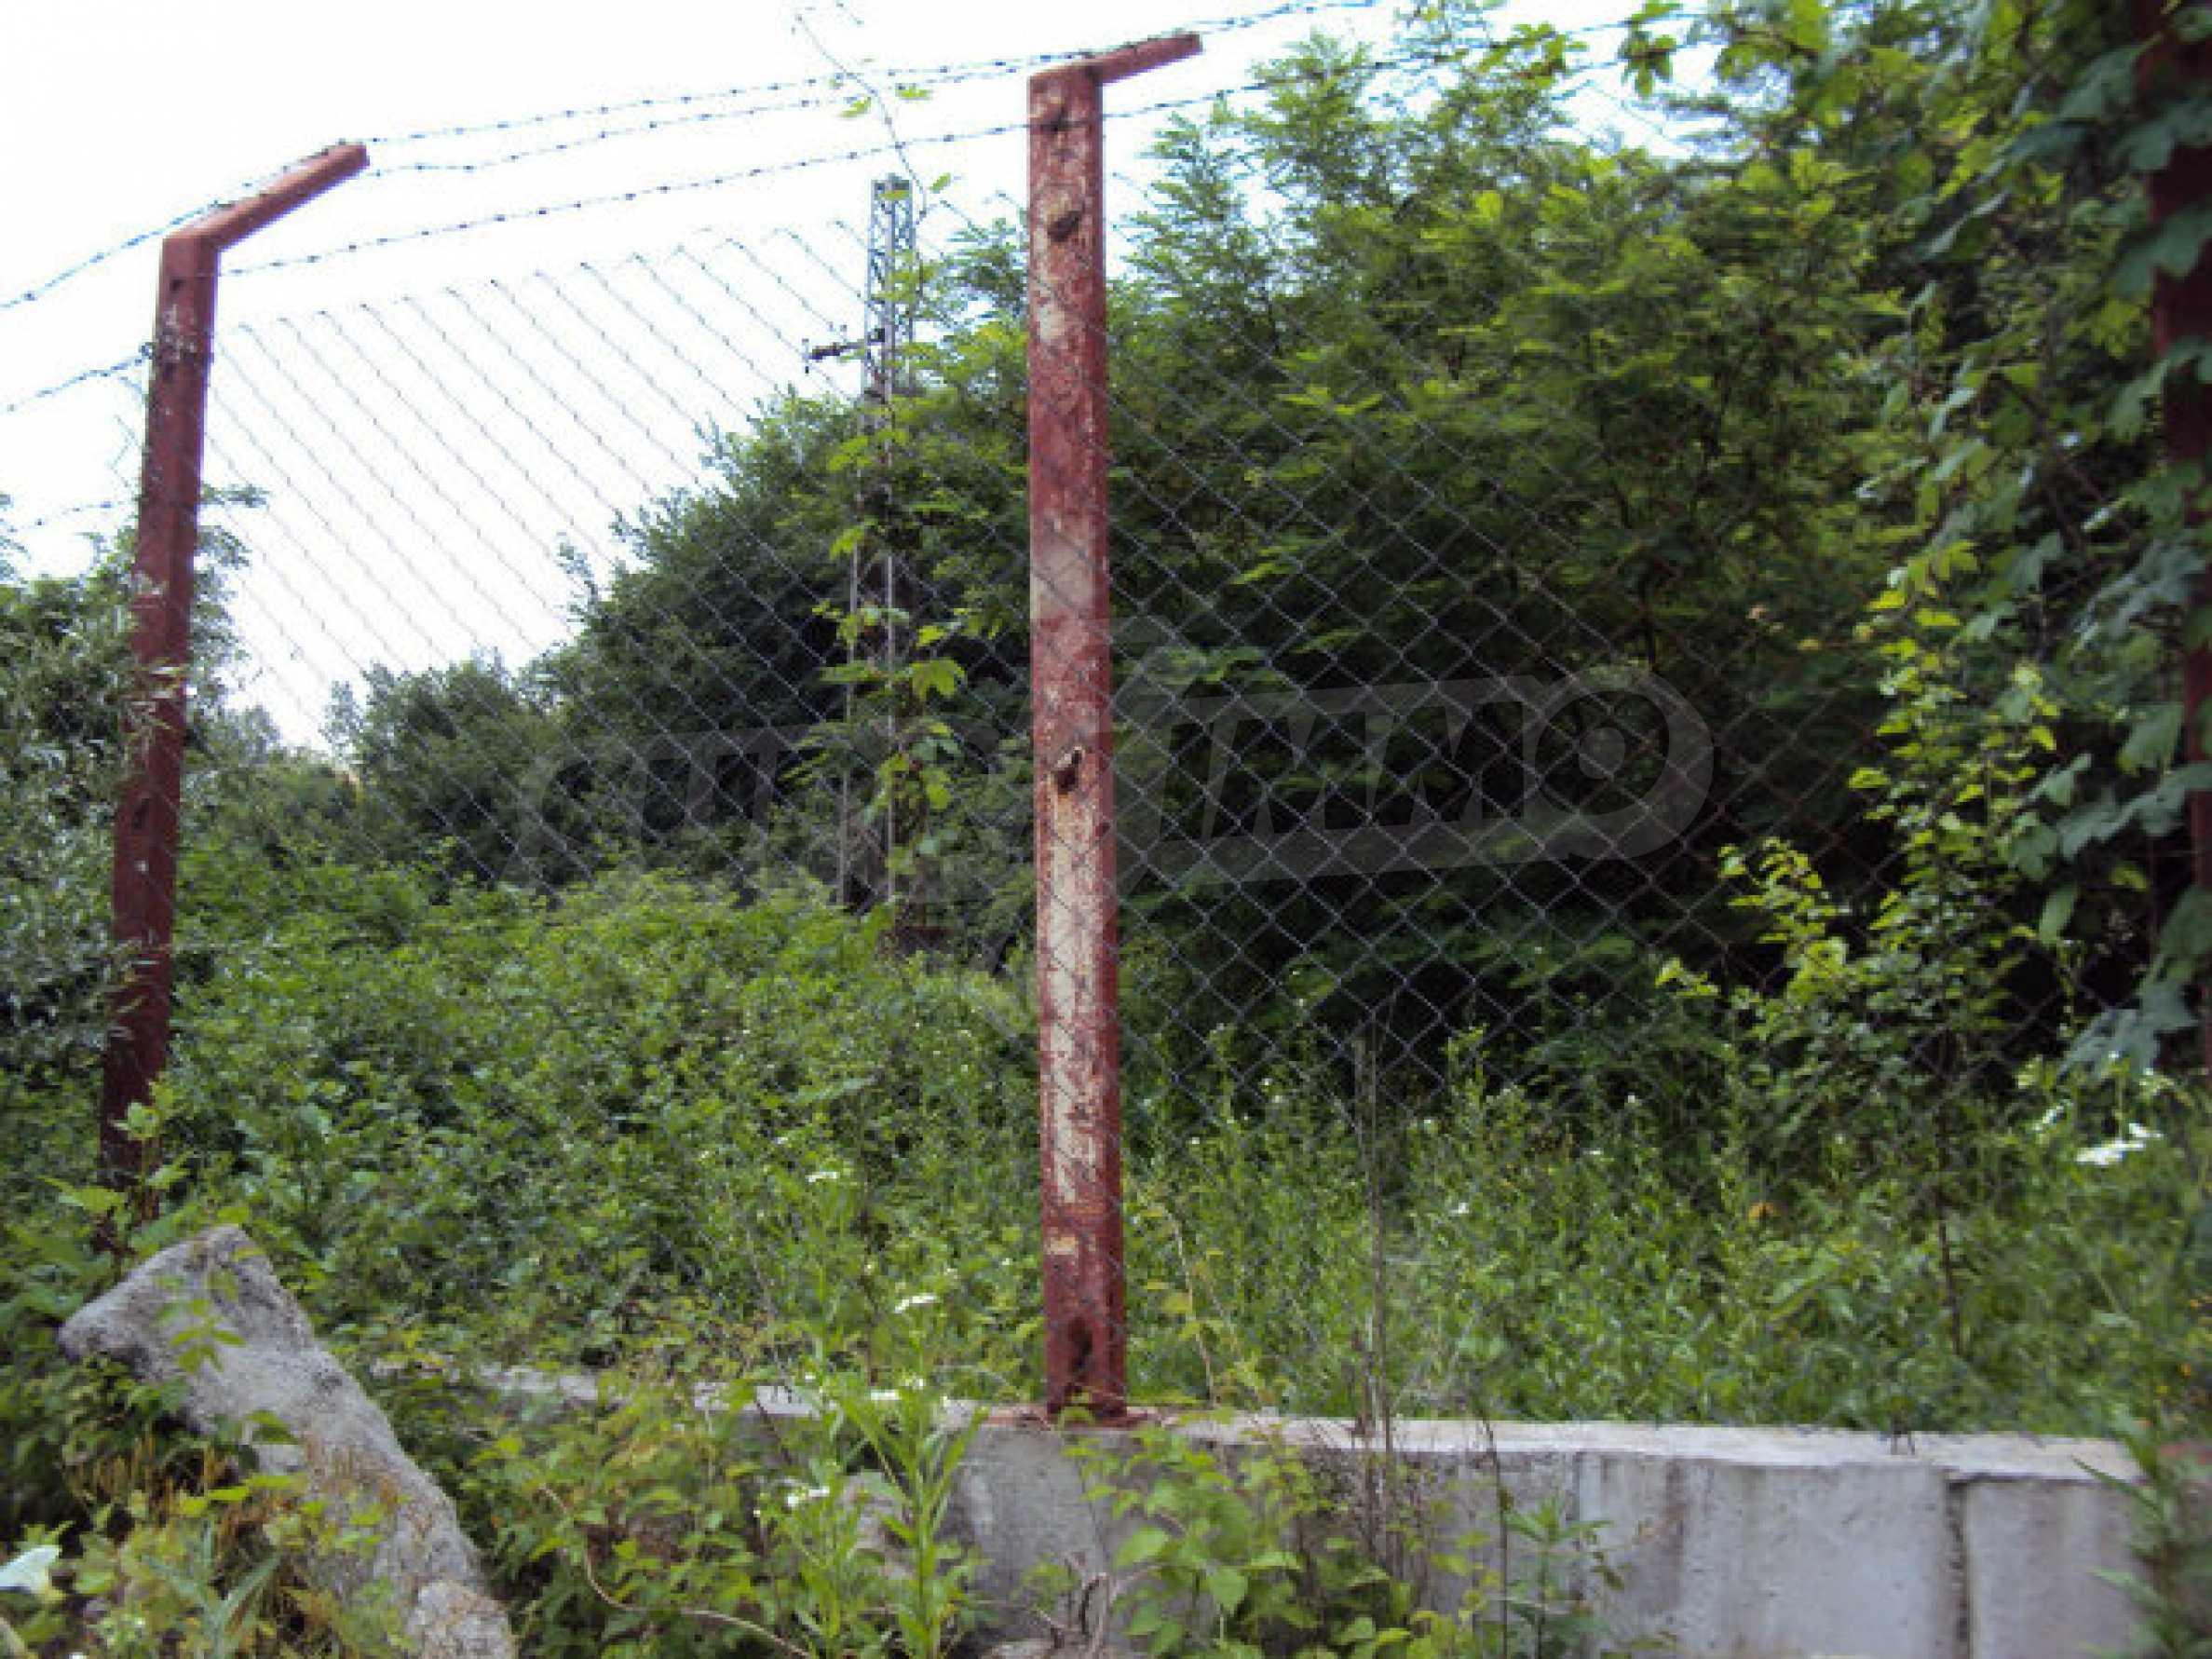 Factory for metal parts in Veliko Tarnovo 20